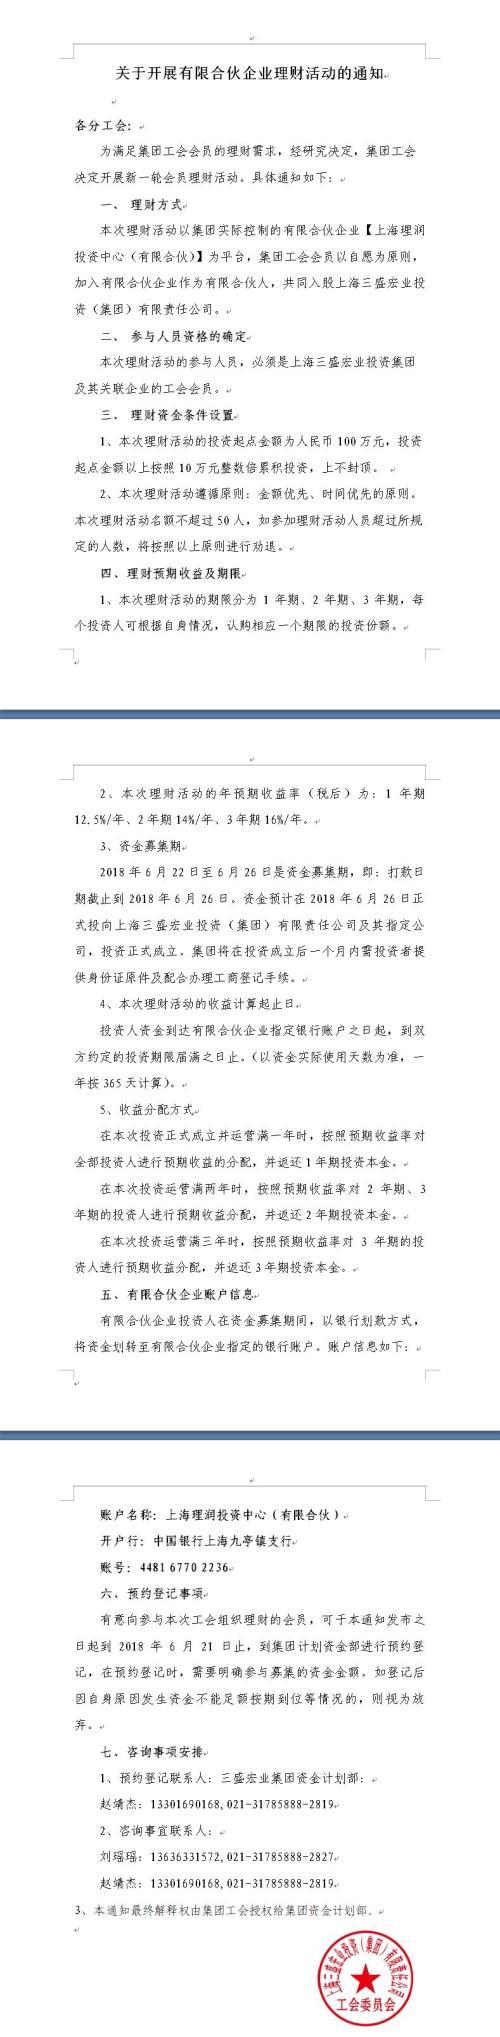 银河网站n1331 - 中国百强县名单公布:一个县级市可以强到什么地步?